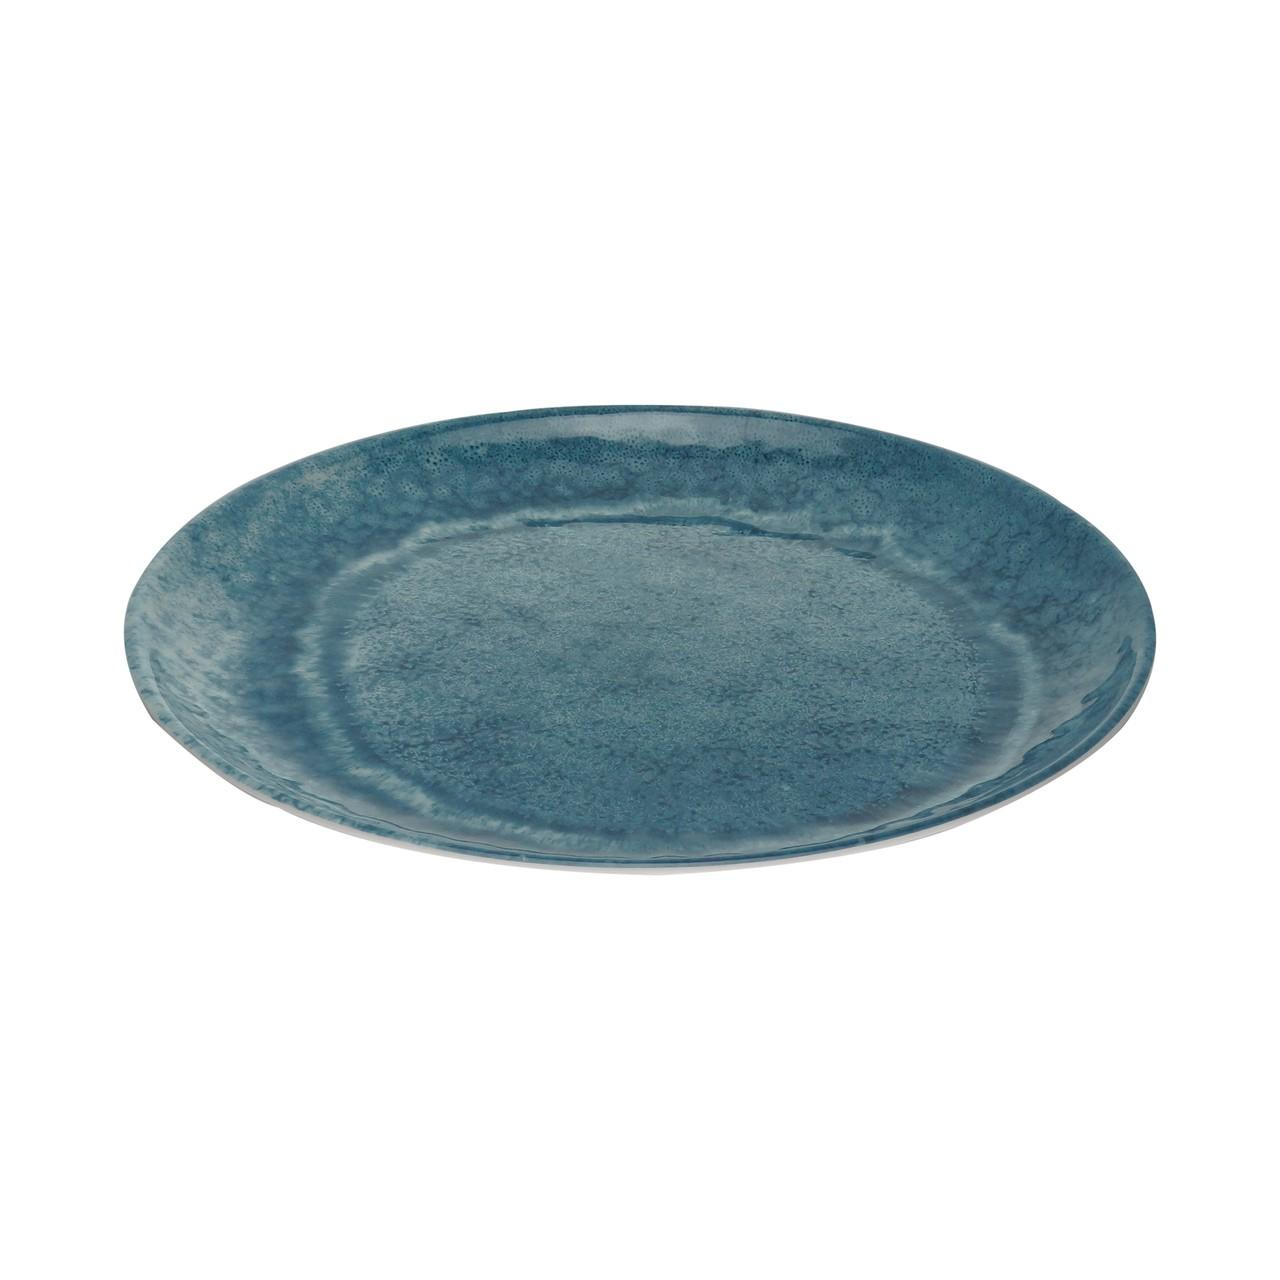 Jg 06 Pratos Raso Aqua Azul de Melamina